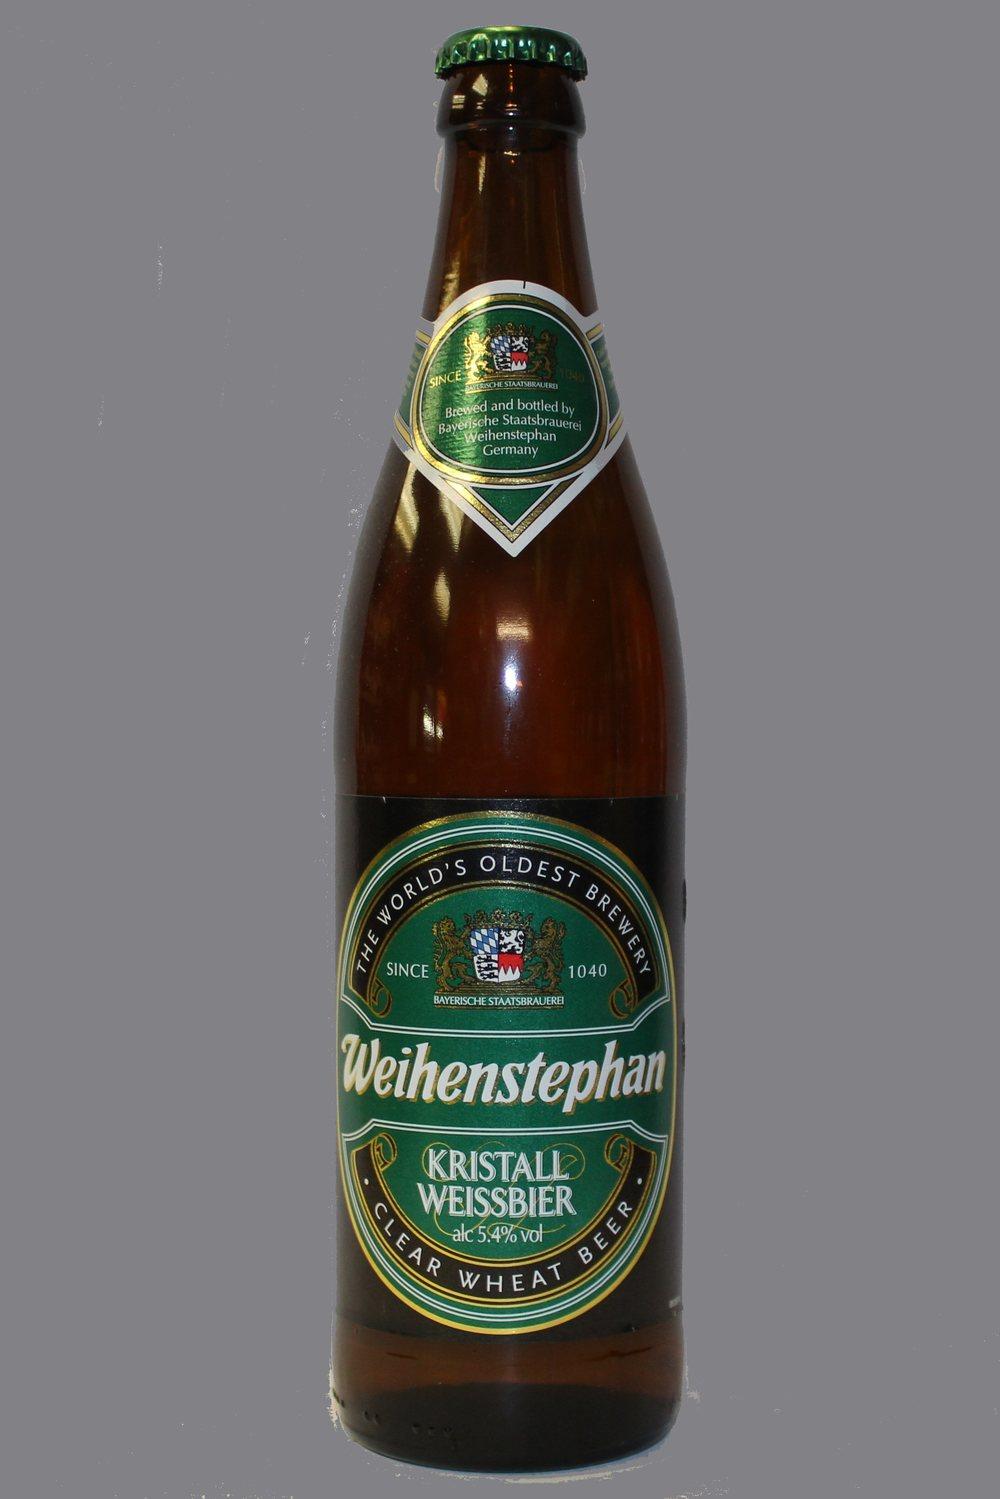 WEIHENSTEPHAN-Kristall Weissbier.jpg